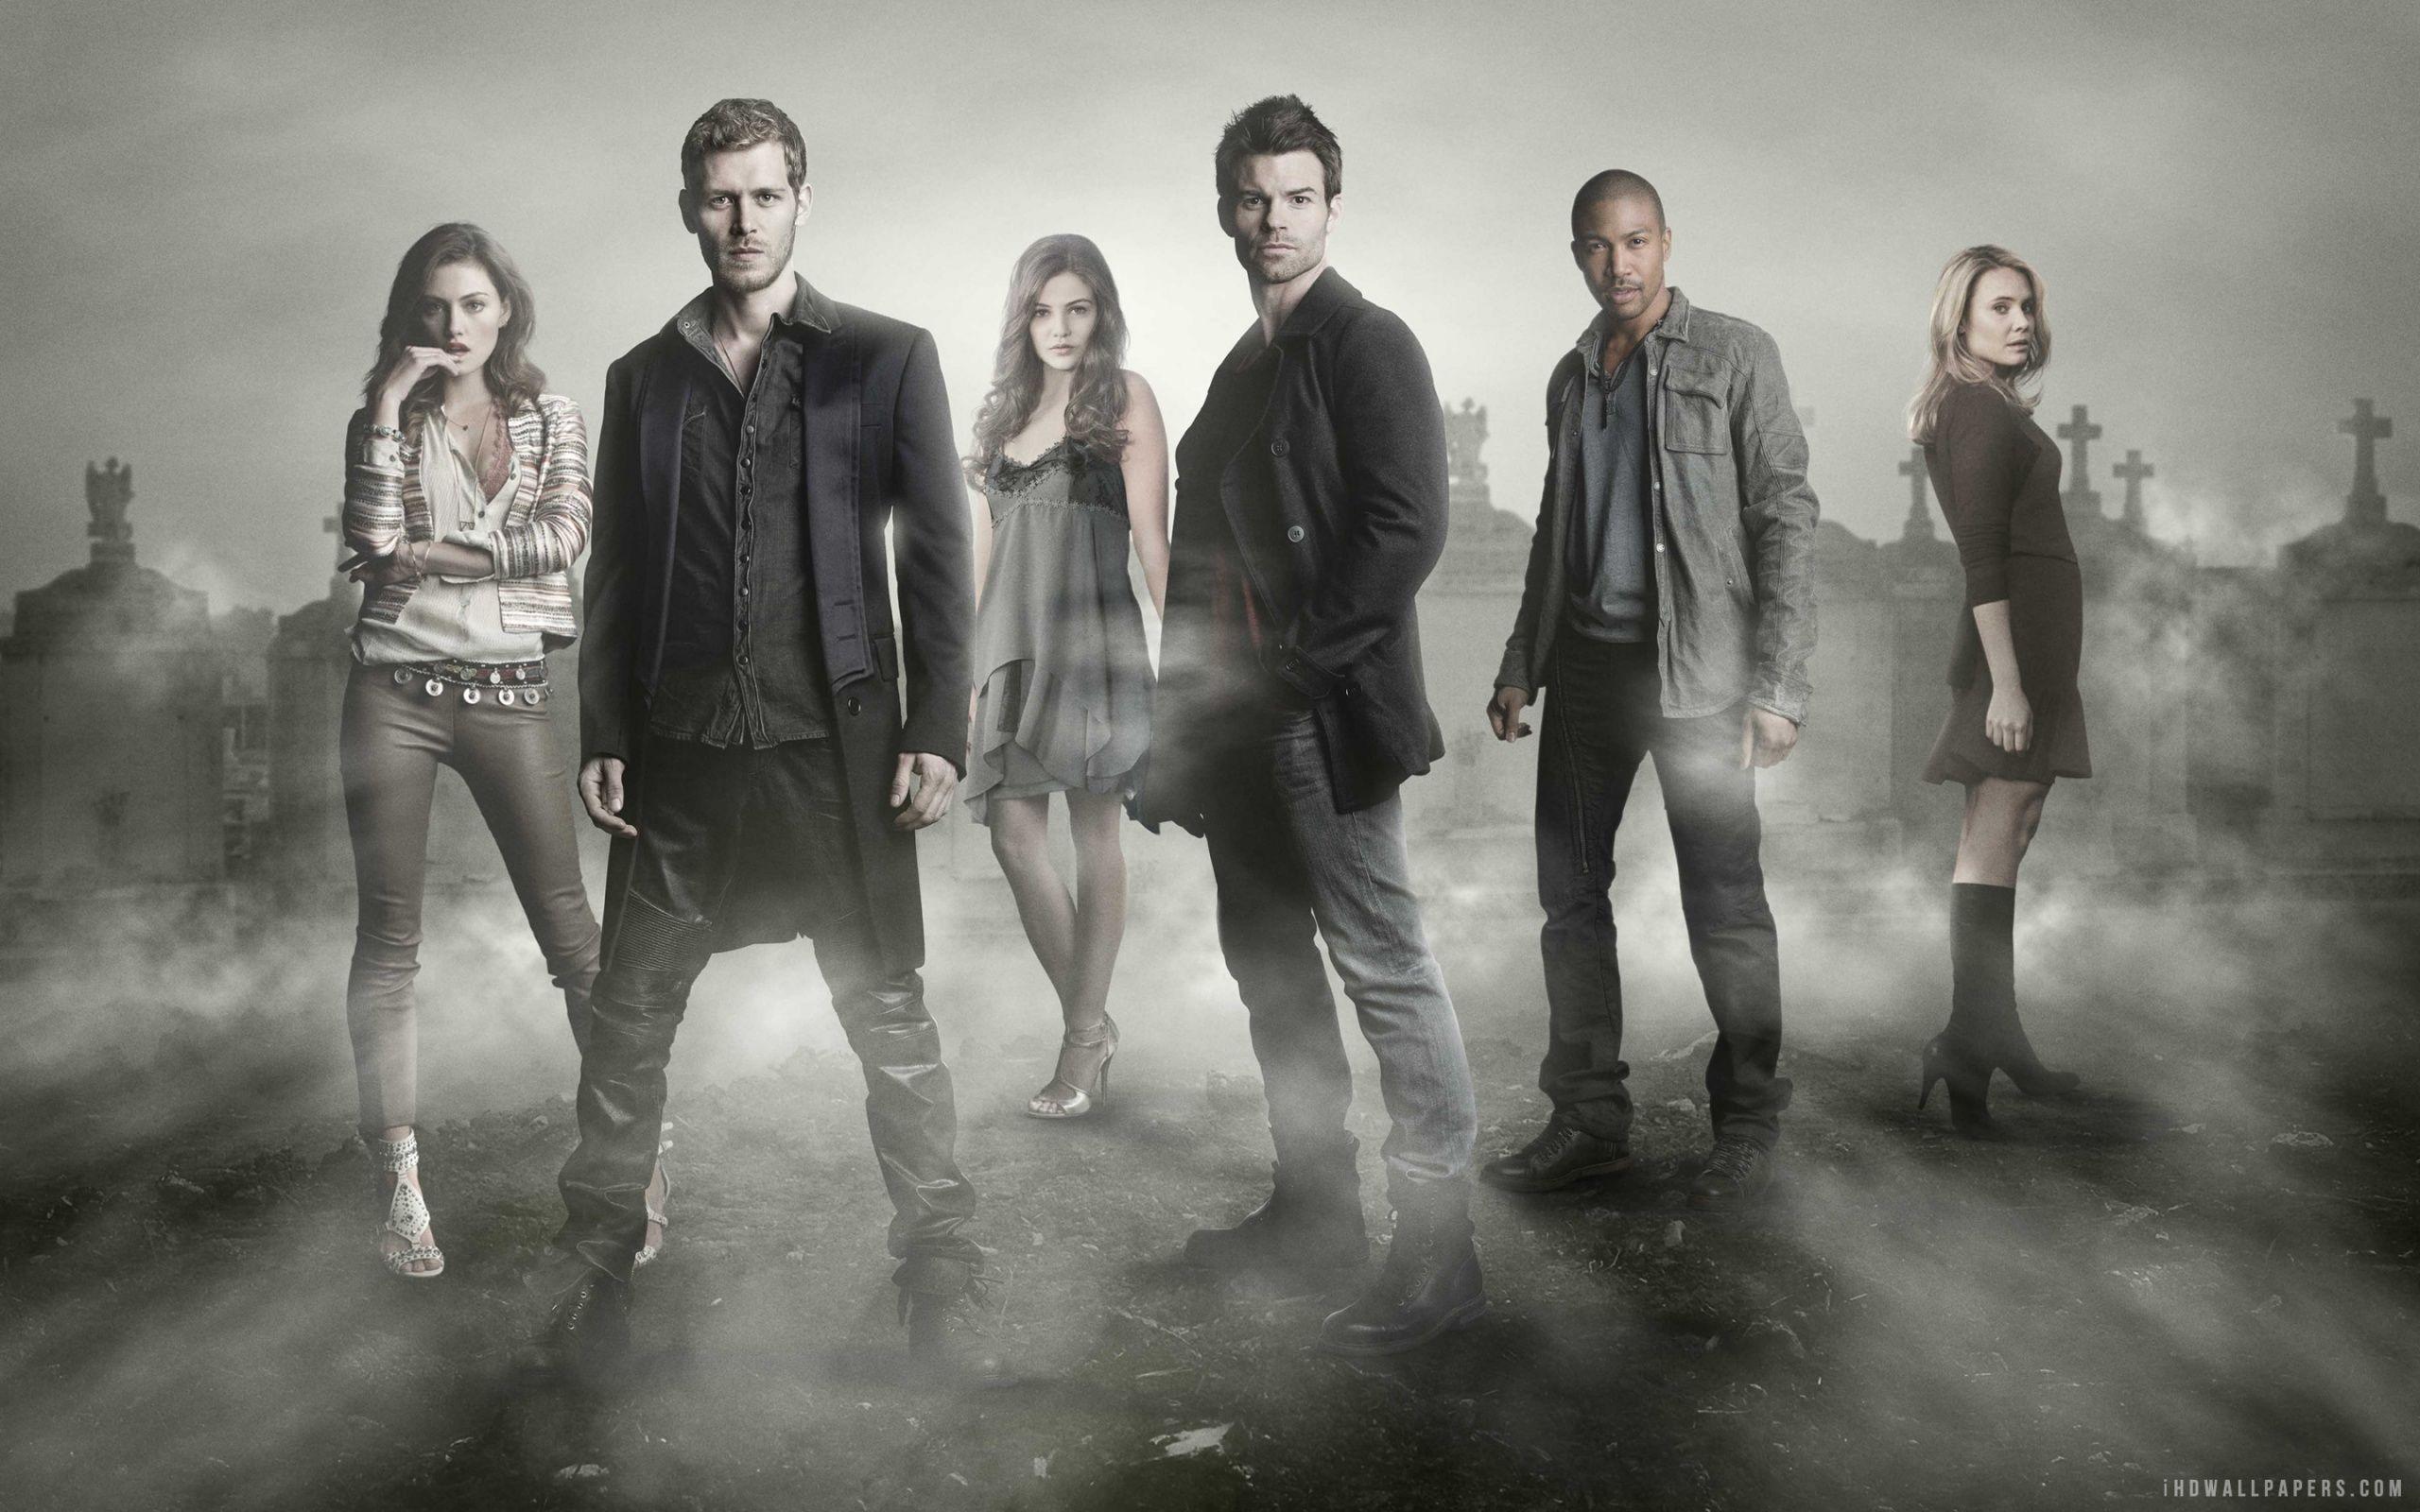 The Originals Season Wallpaper The Originals Season - Originals Wallpapers Hd , HD Wallpaper & Backgrounds